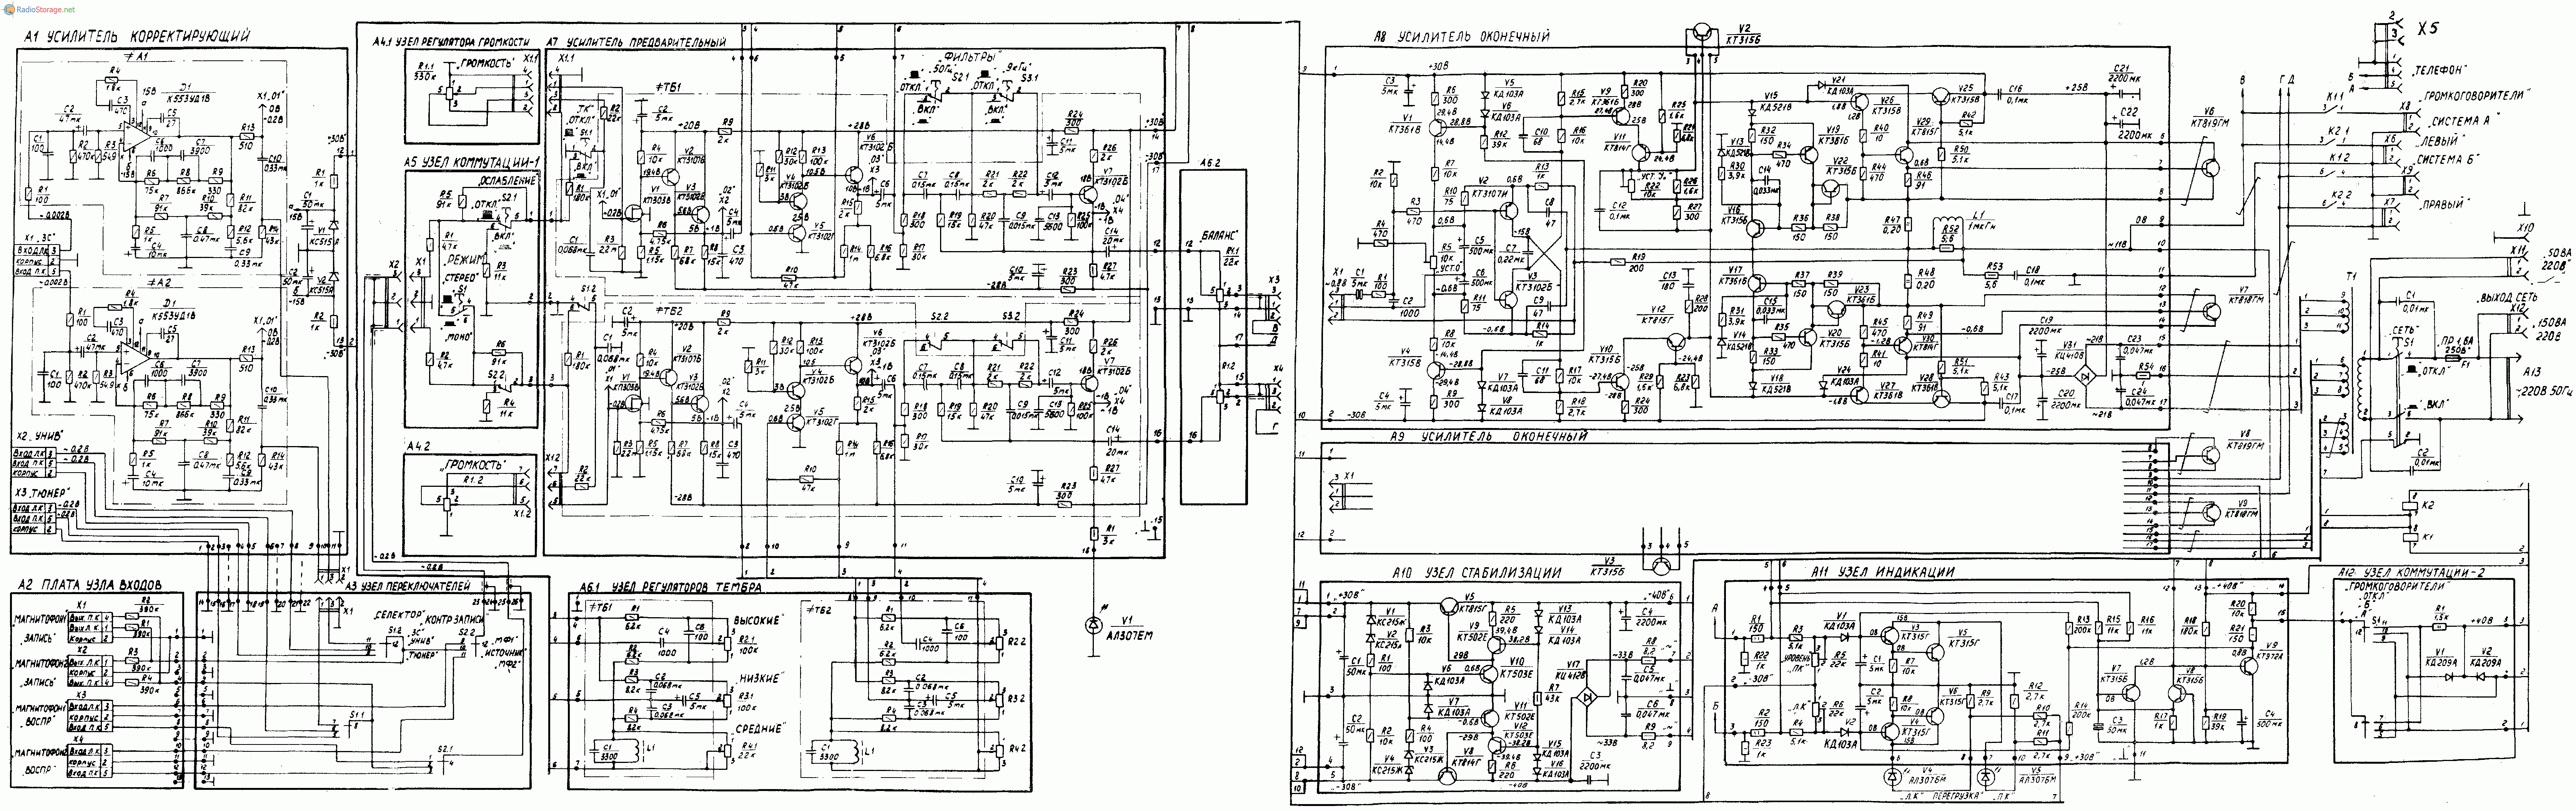 схему усилителя кумир 001 скачать